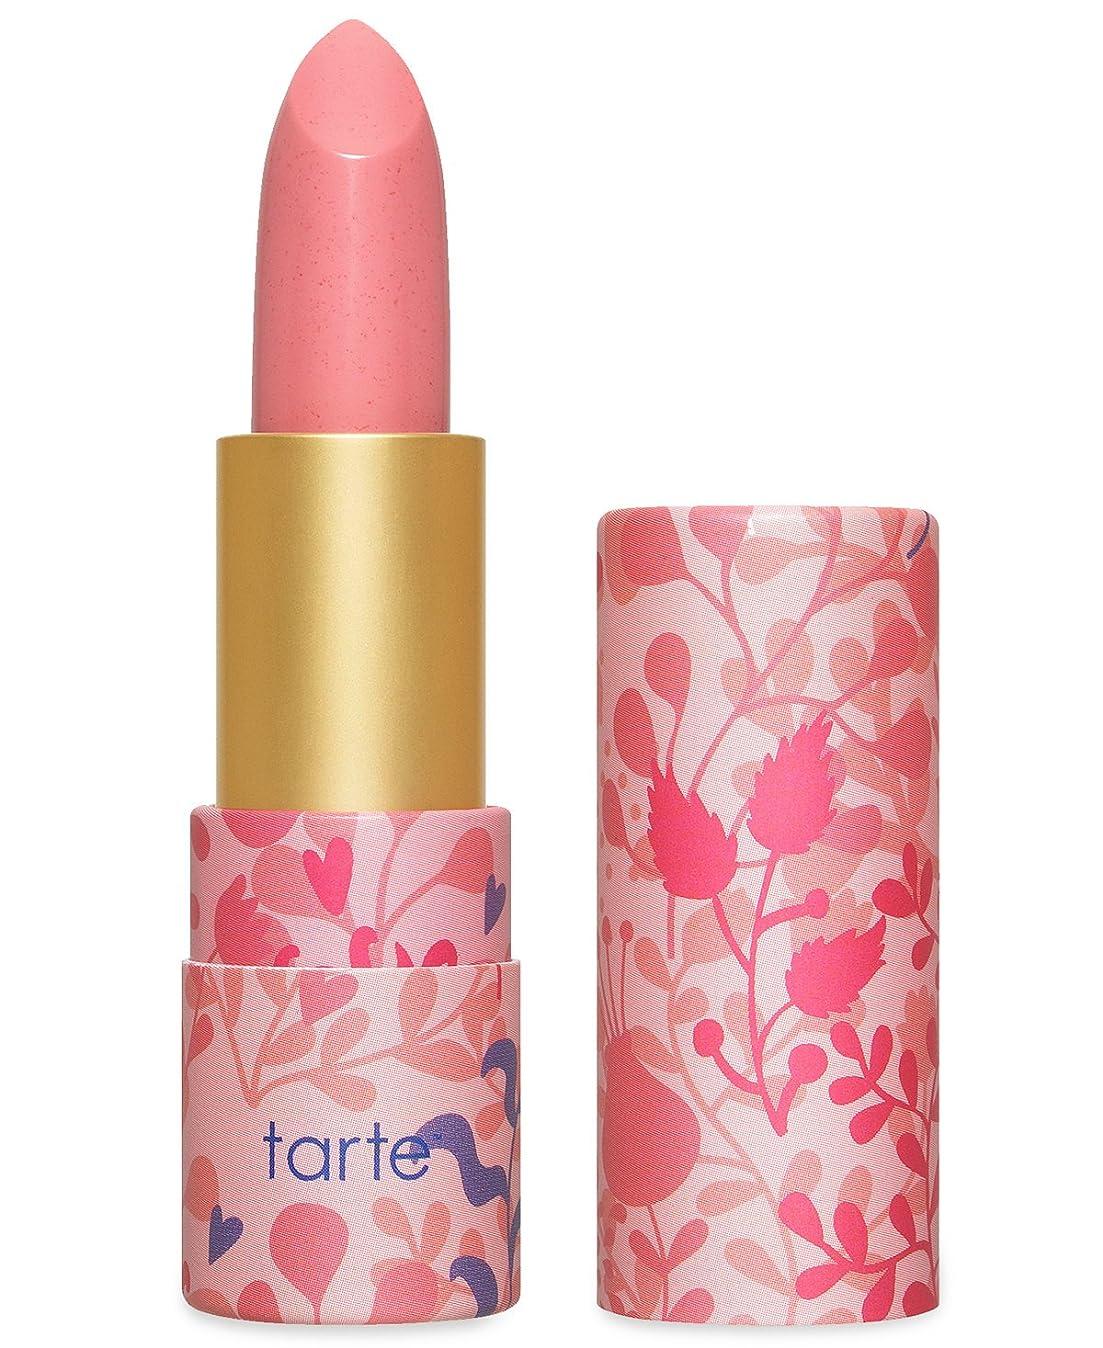 男十一気球Tarte Amazonian Butter Lipstick ターテ アマゾニアン バターリップステック Golden Pink [並行輸入品]